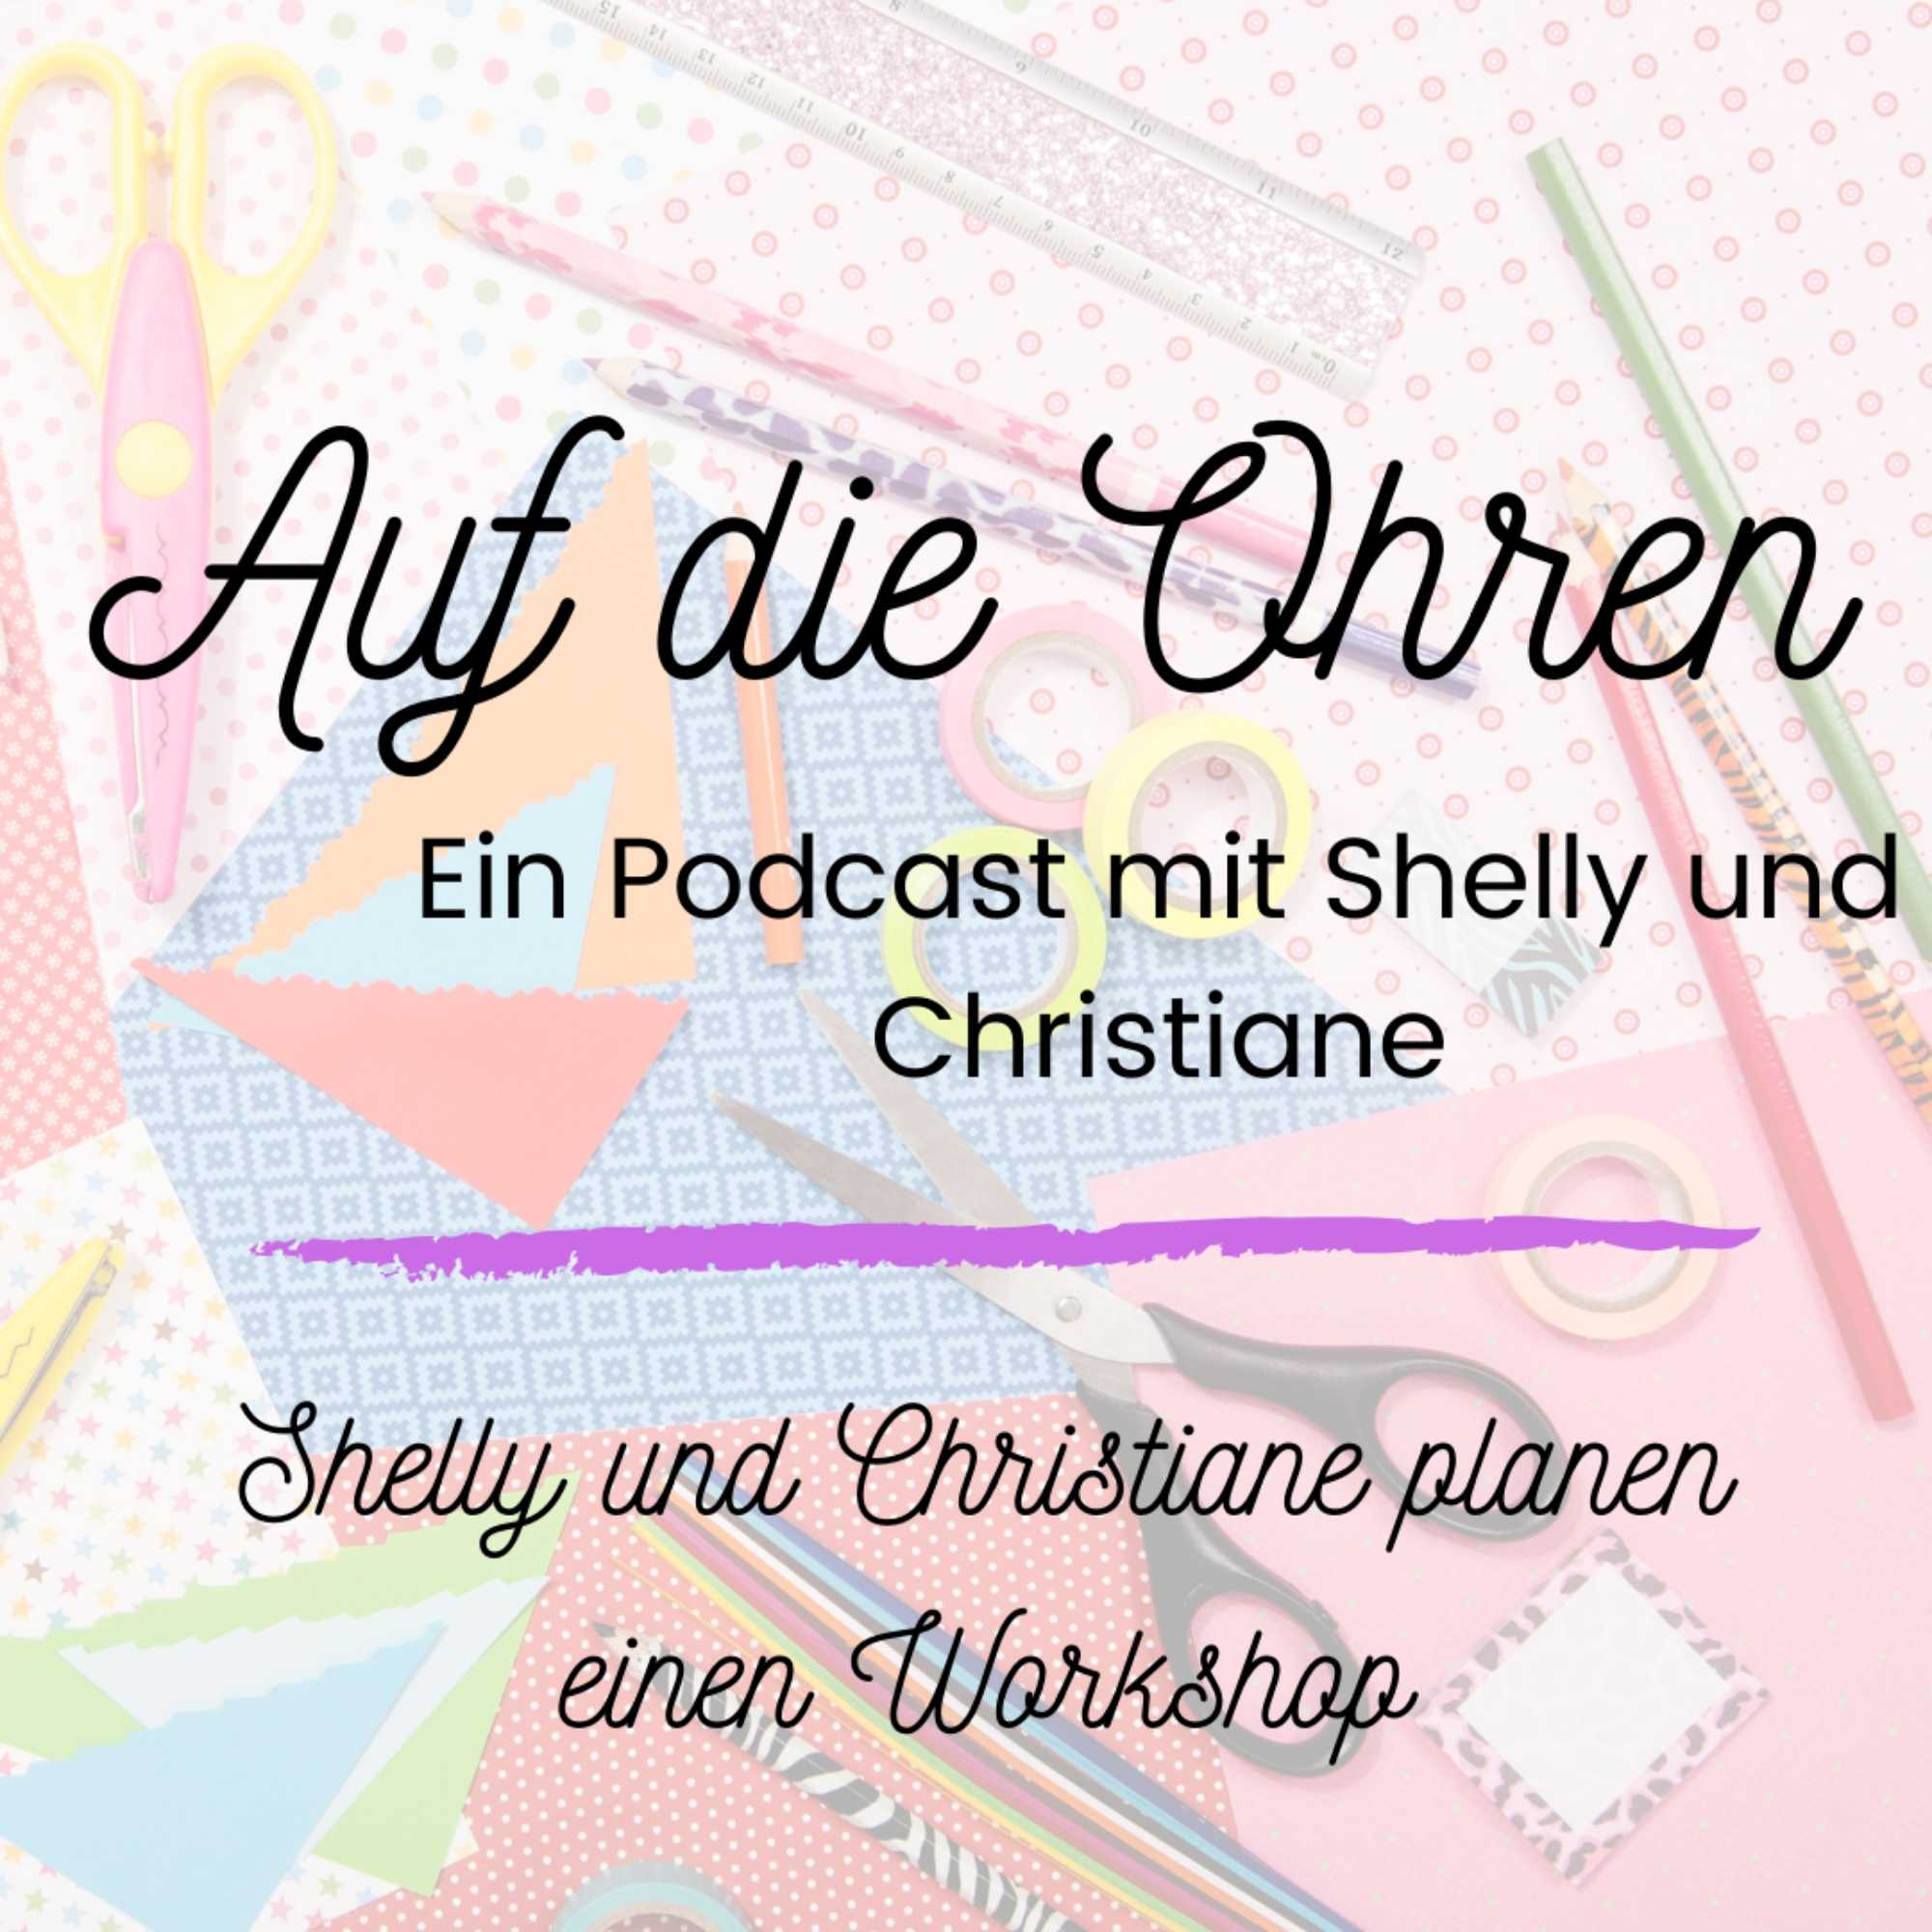 Werbegrafik Auf die Ohren - ein Podcast - Shelly und Christiane planen einen Workshop